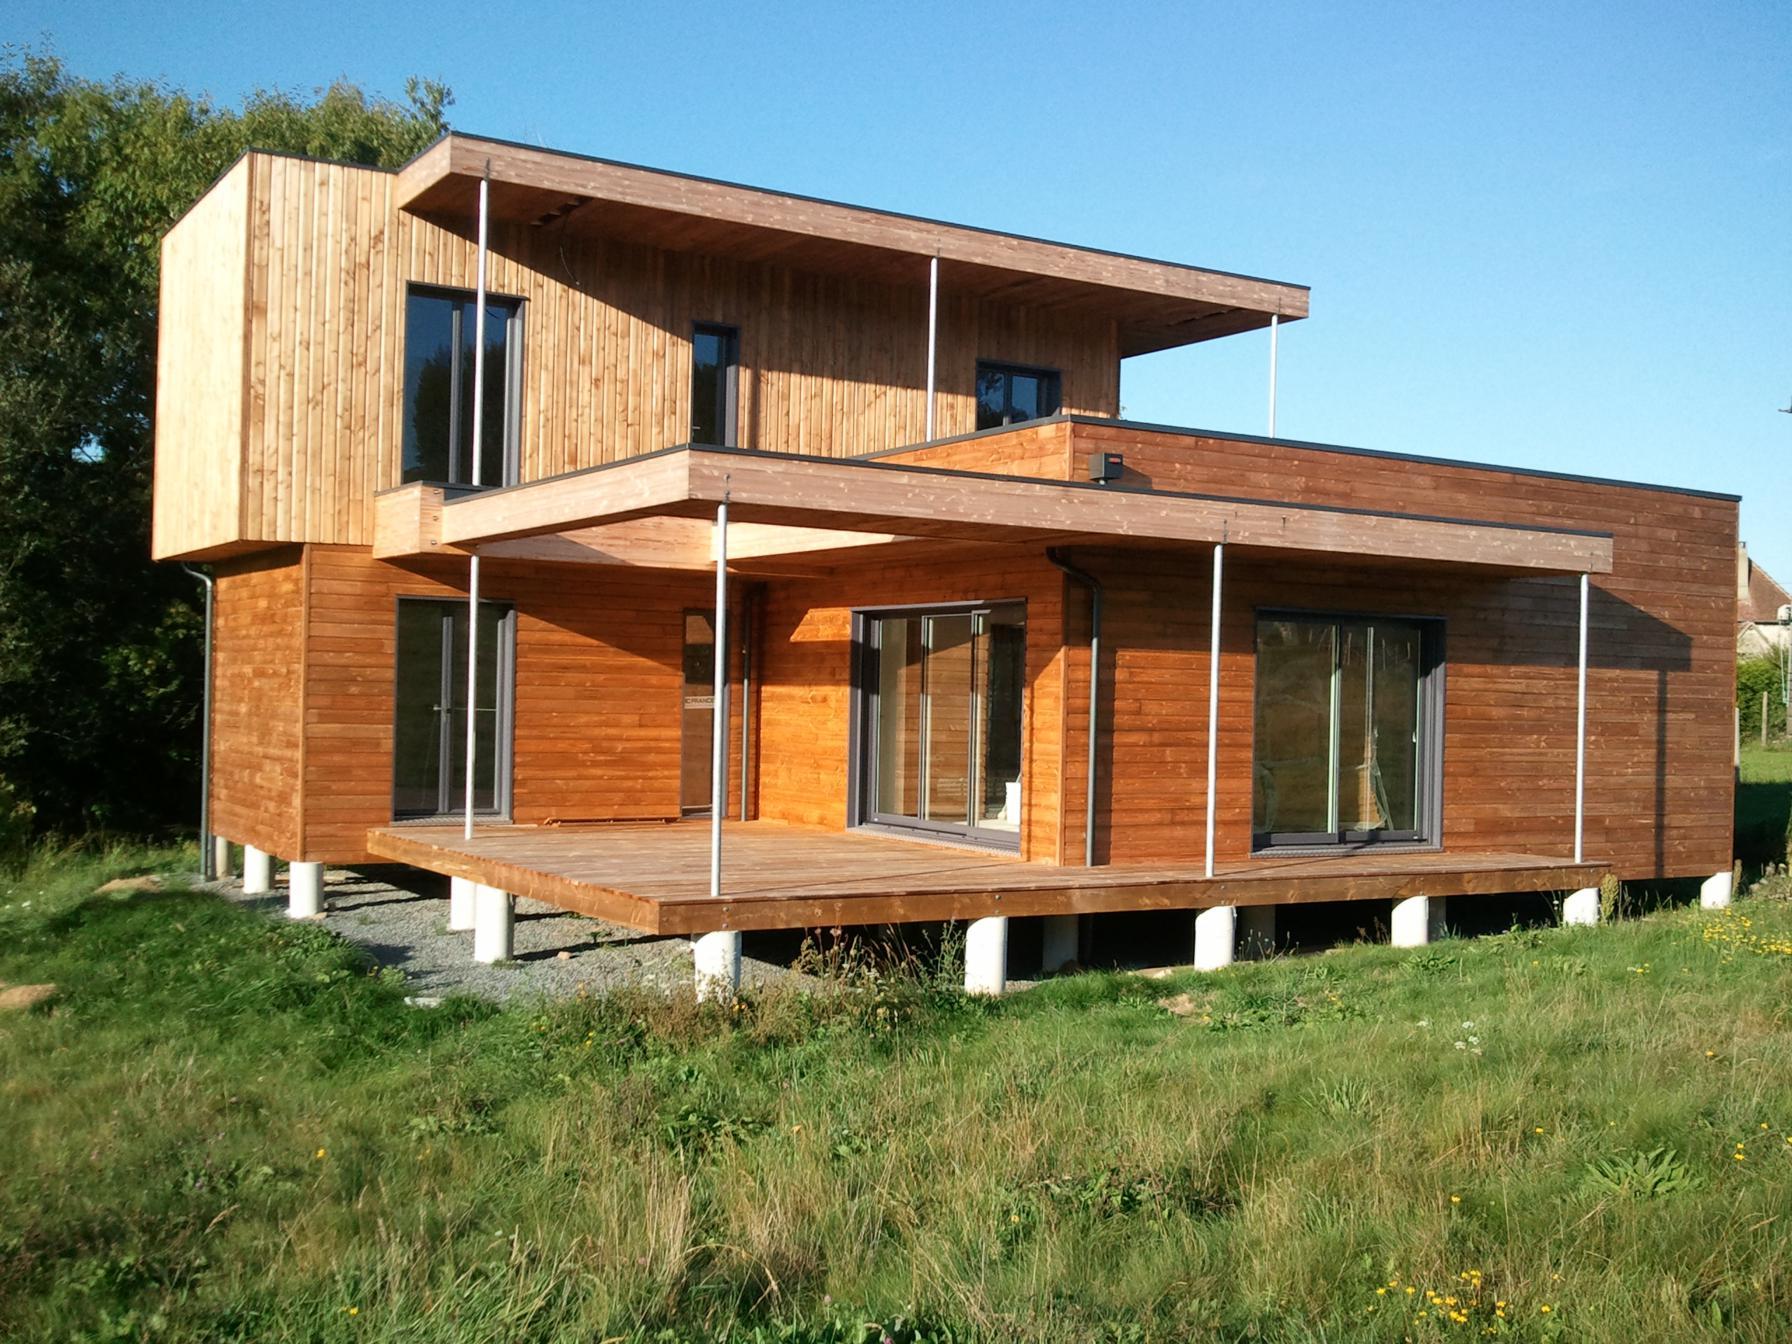 Constructeur Maison En Bois Limoges ossature bois limoges : surélévation maison, extension